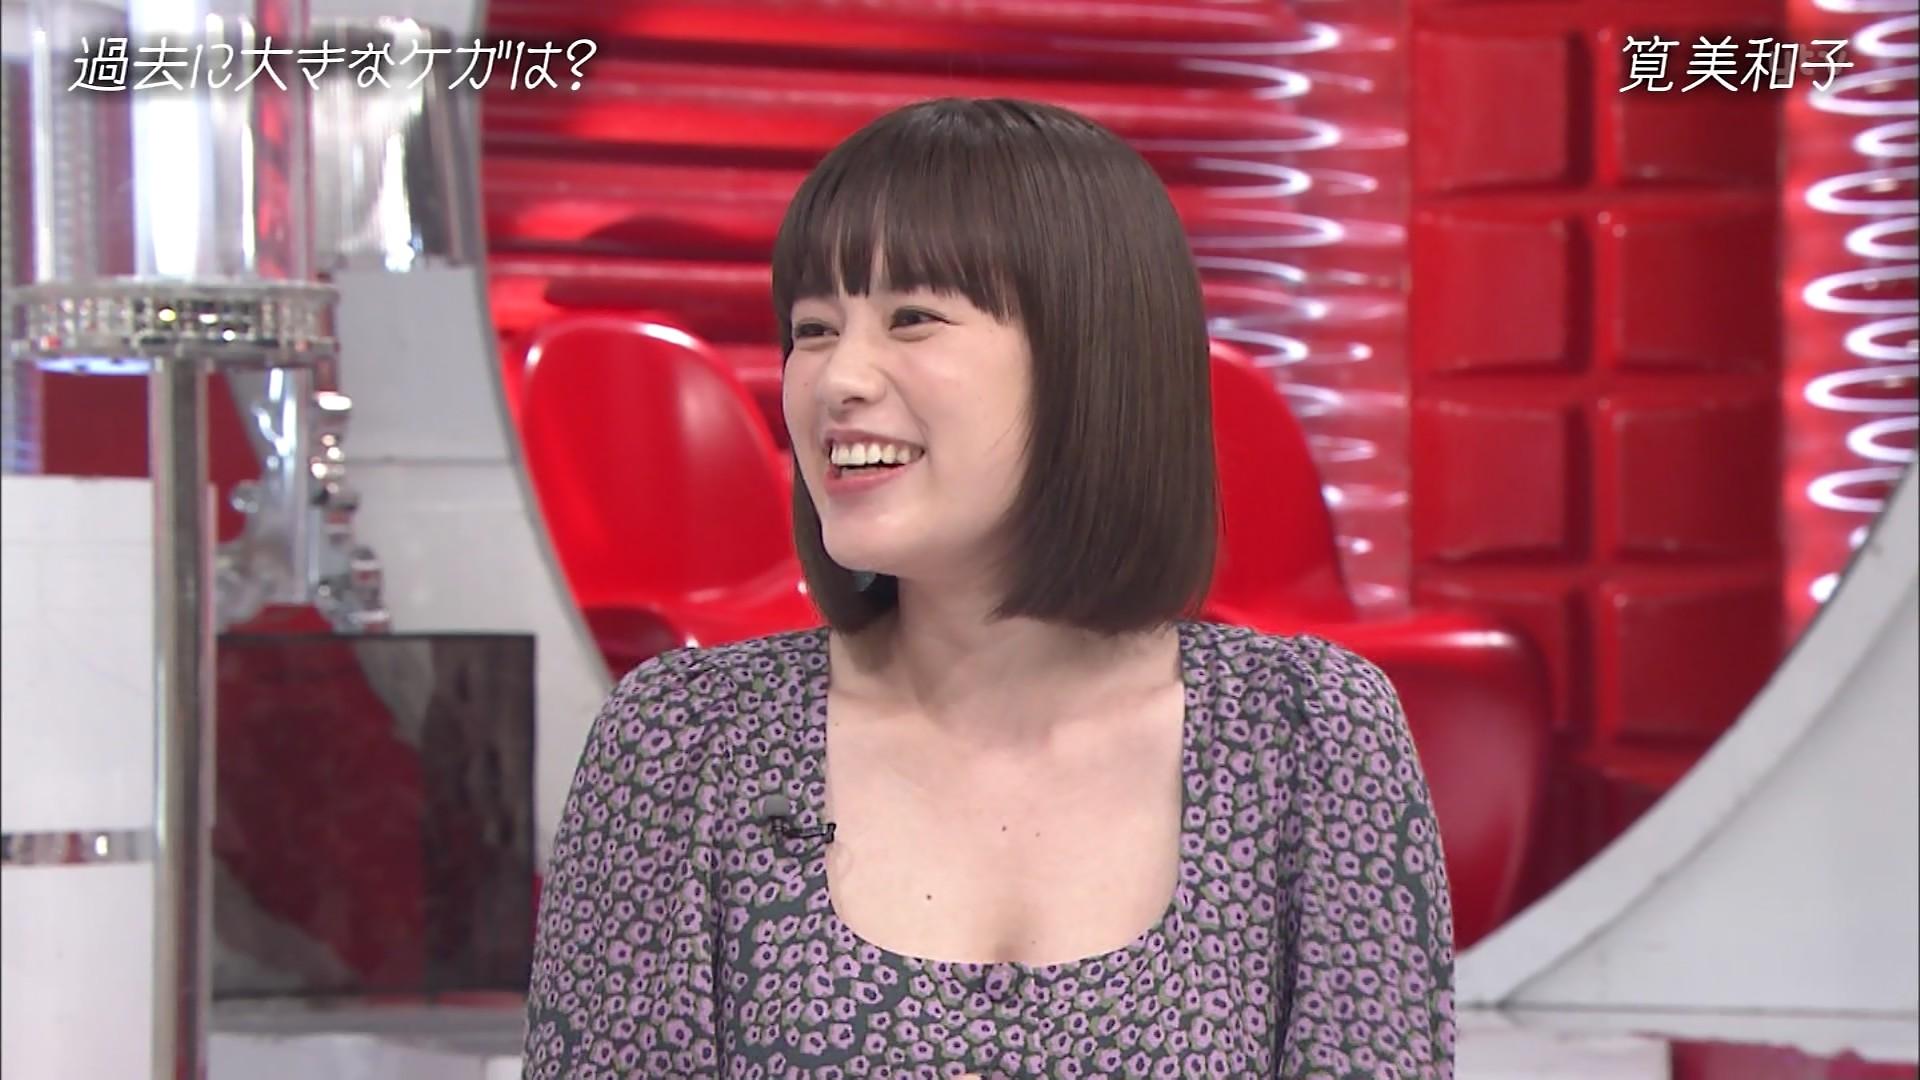 胸チラ_谷間_おっぱい_おしゃれイズム_12